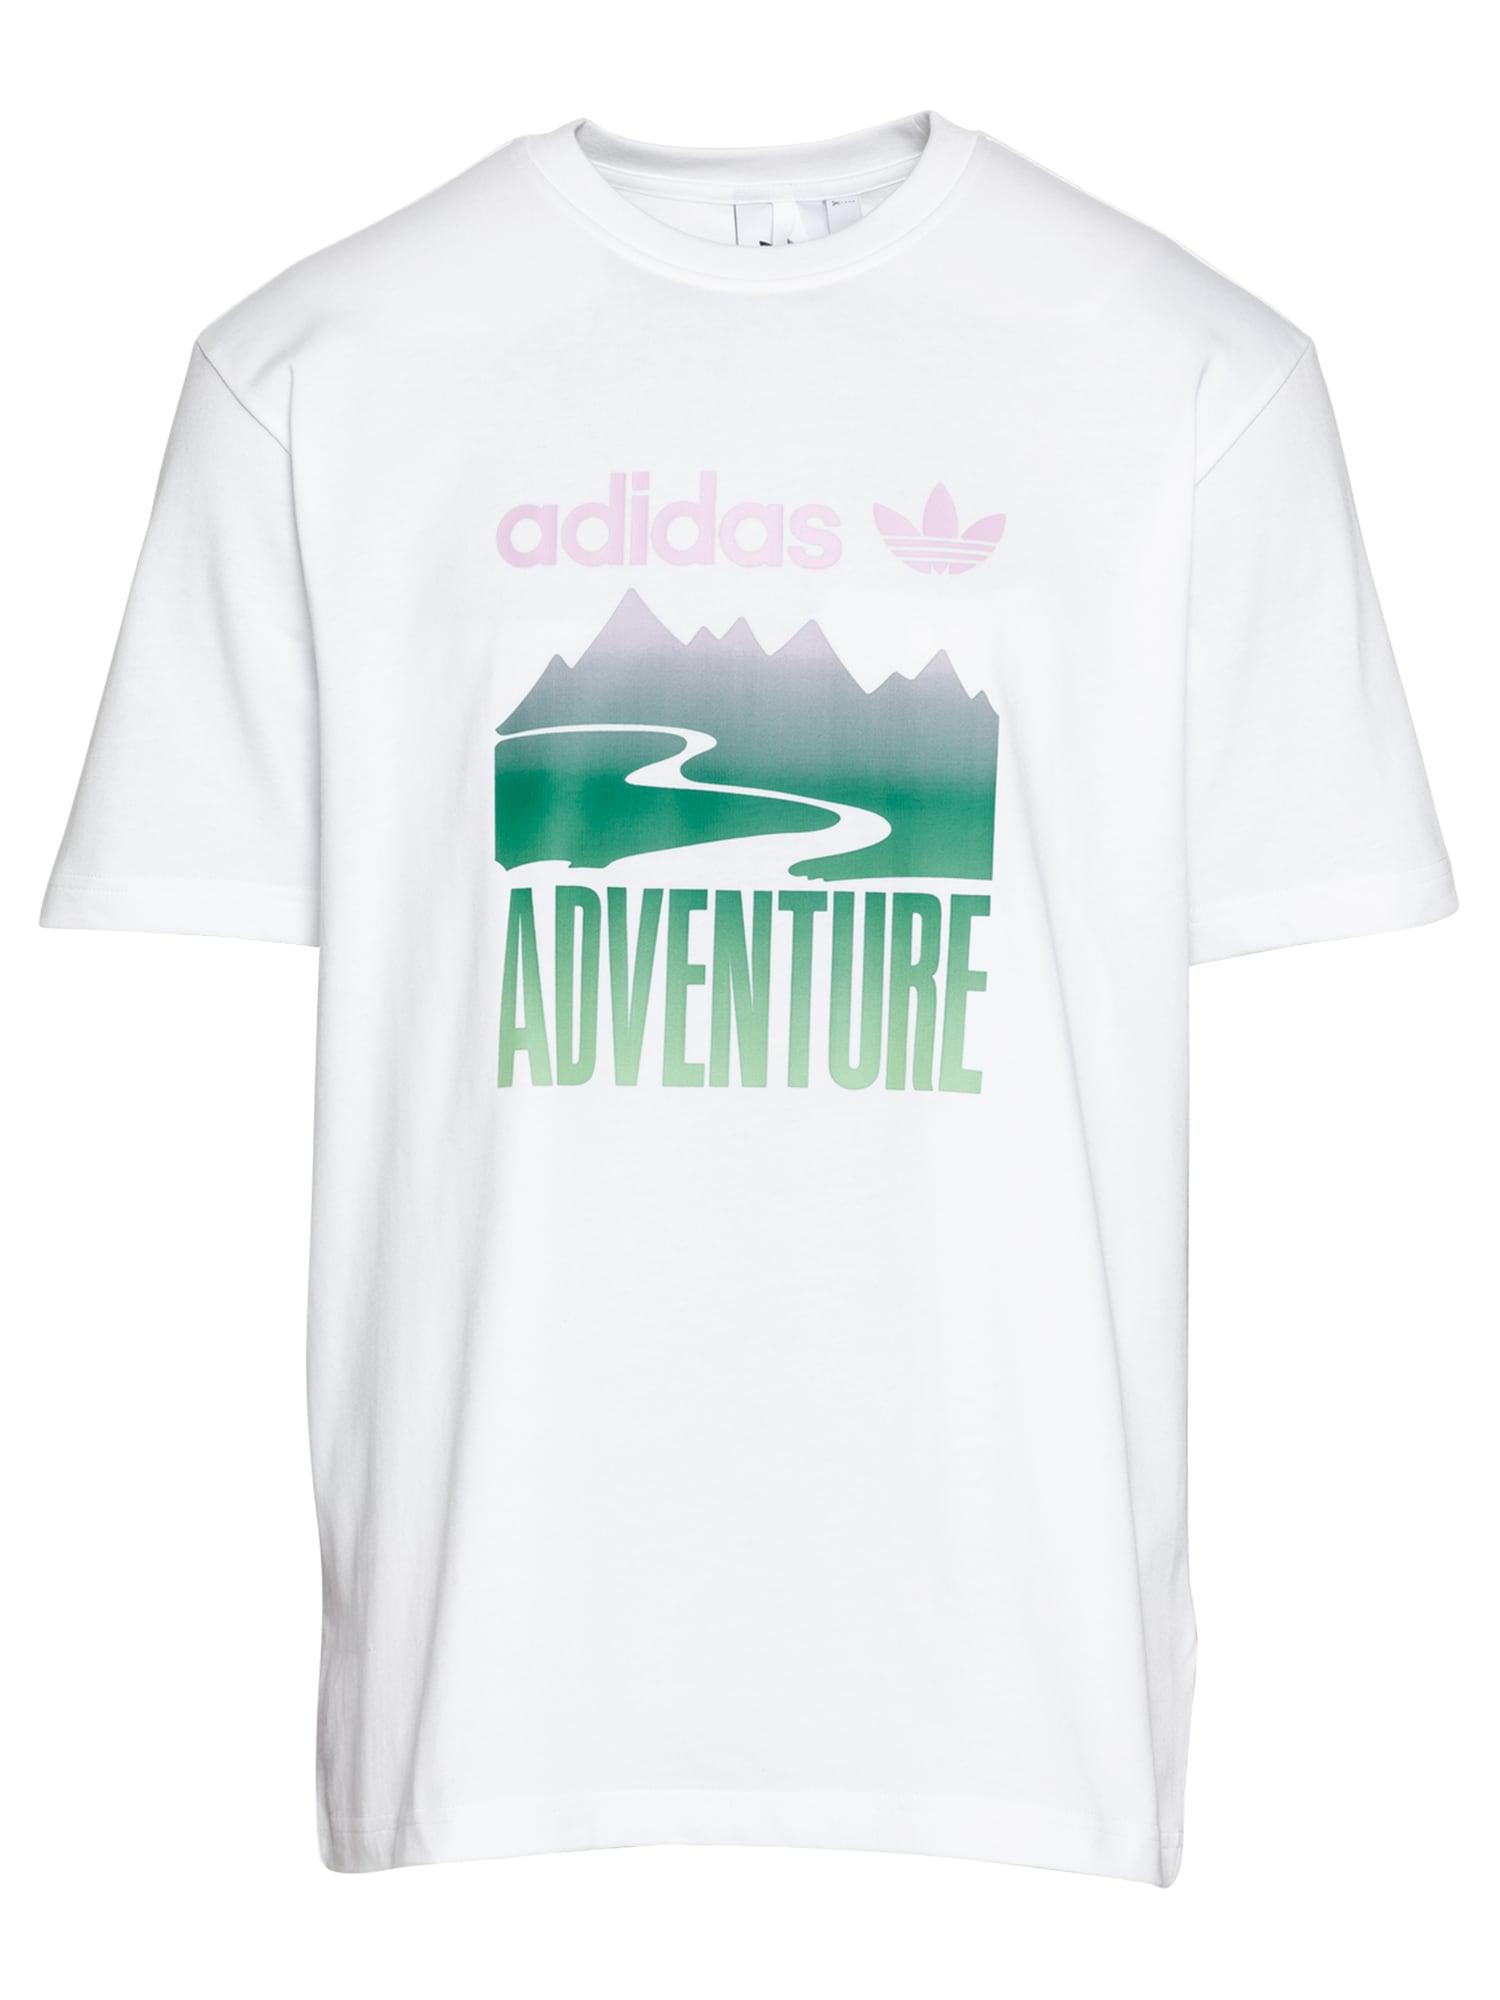 ADIDAS ORIGINALS Marškinėliai 'Adventure Mountain' balta / žalia / purpurinė